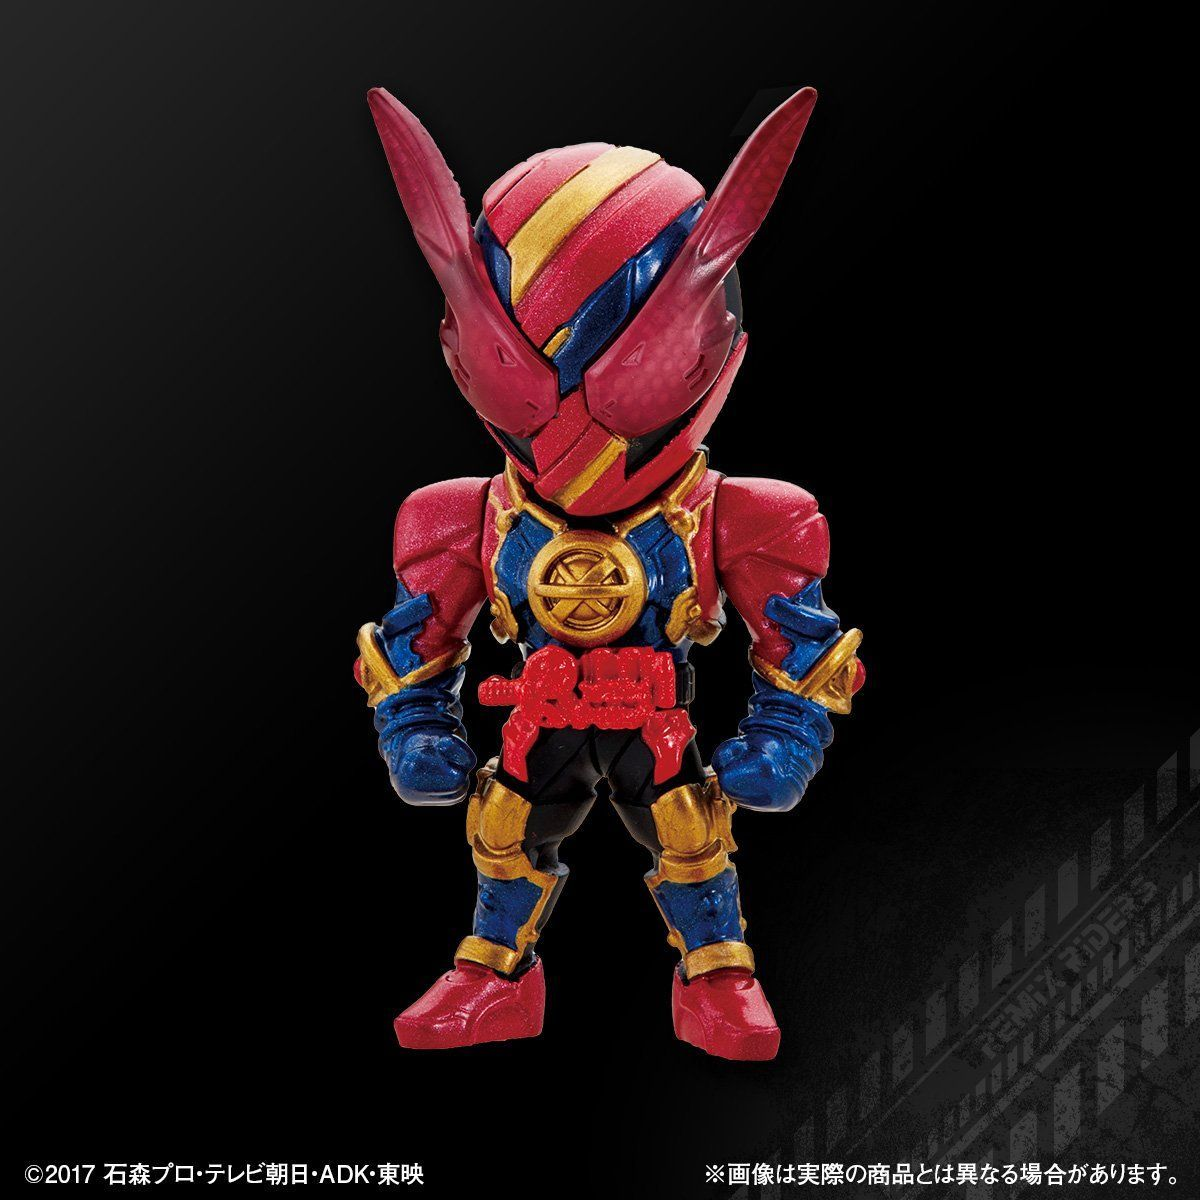 仮面ライダービルド『REMIX RIDERS PB02』ガシャポン-004